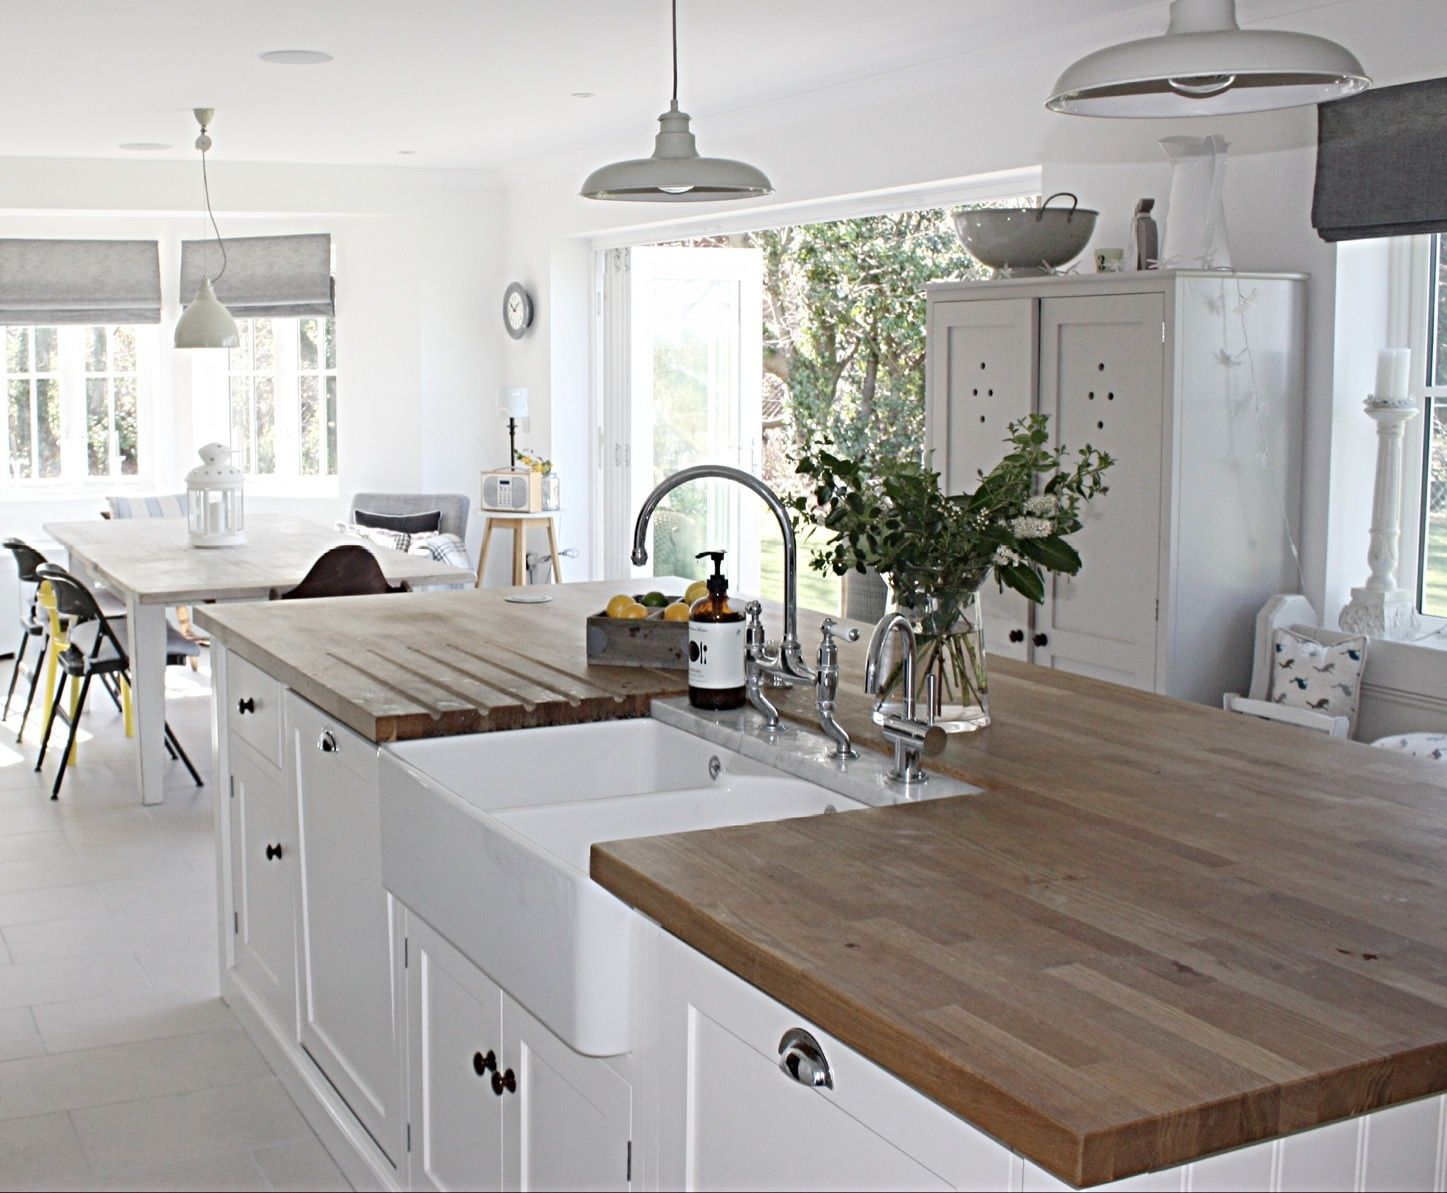 island kitchen design small kitchen designs layout simple kitchen design on kitchen layouts with island id=31435